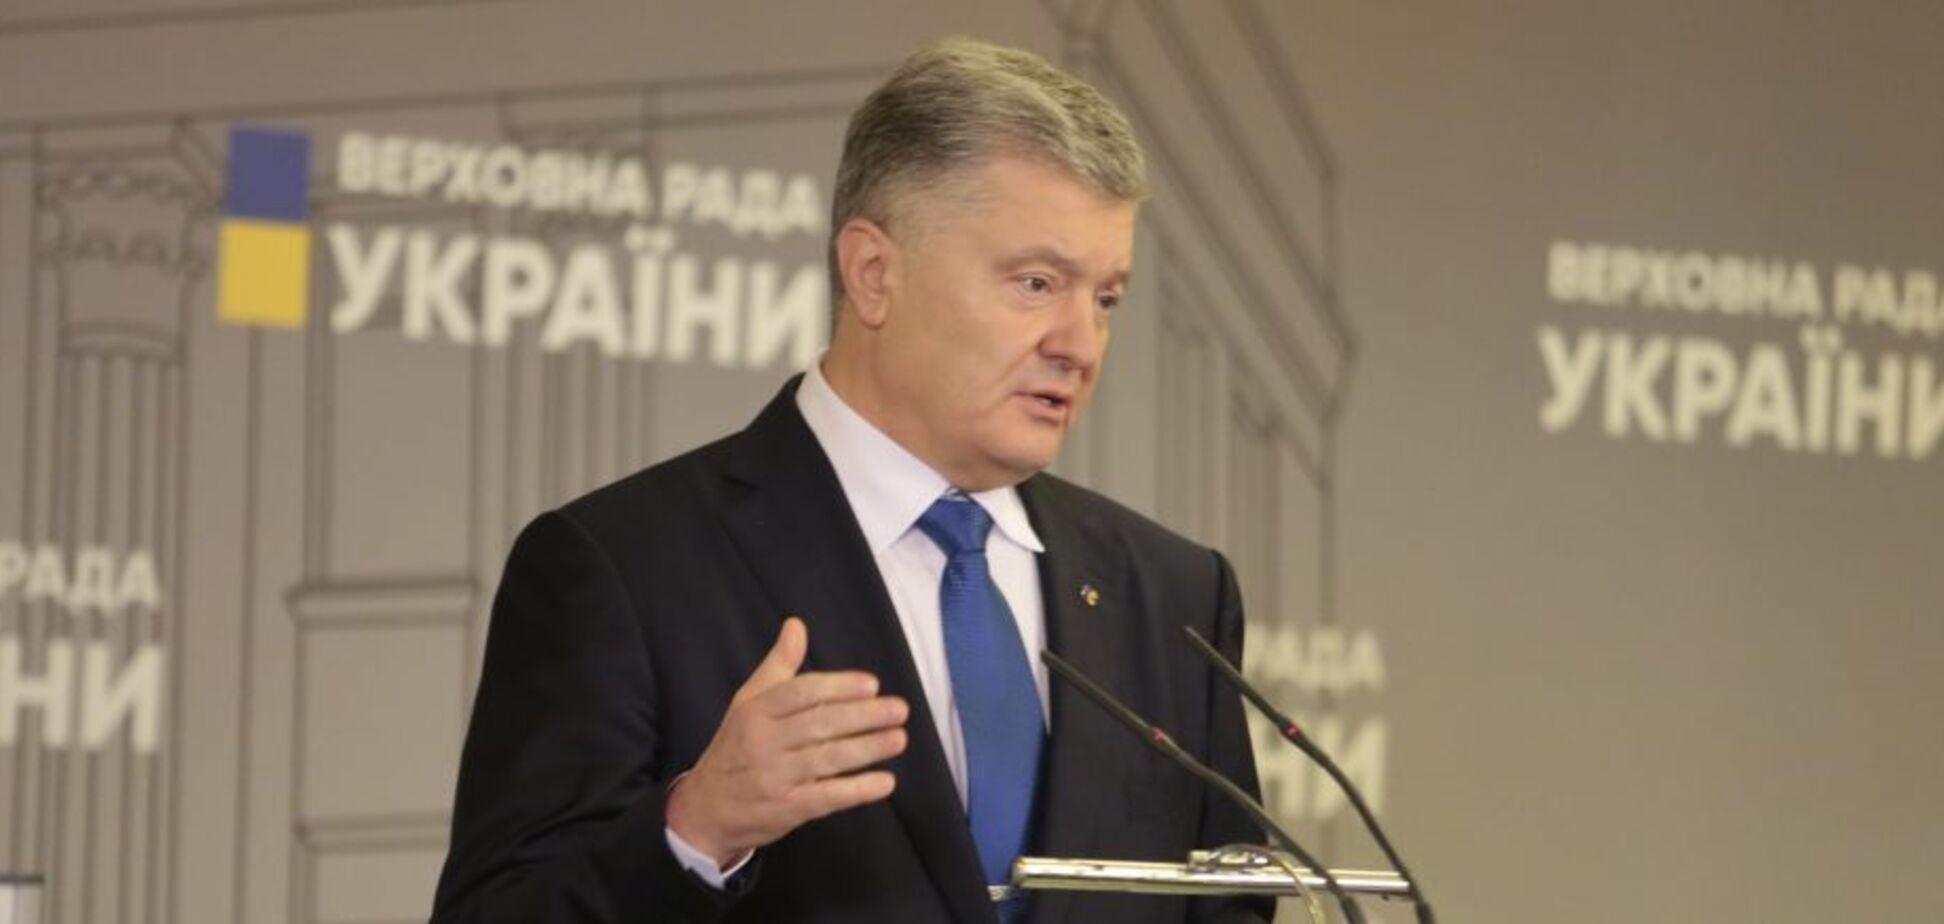 Порошенко: монобільшість цинічно атакує українську мову напередодні річниці Незалежності